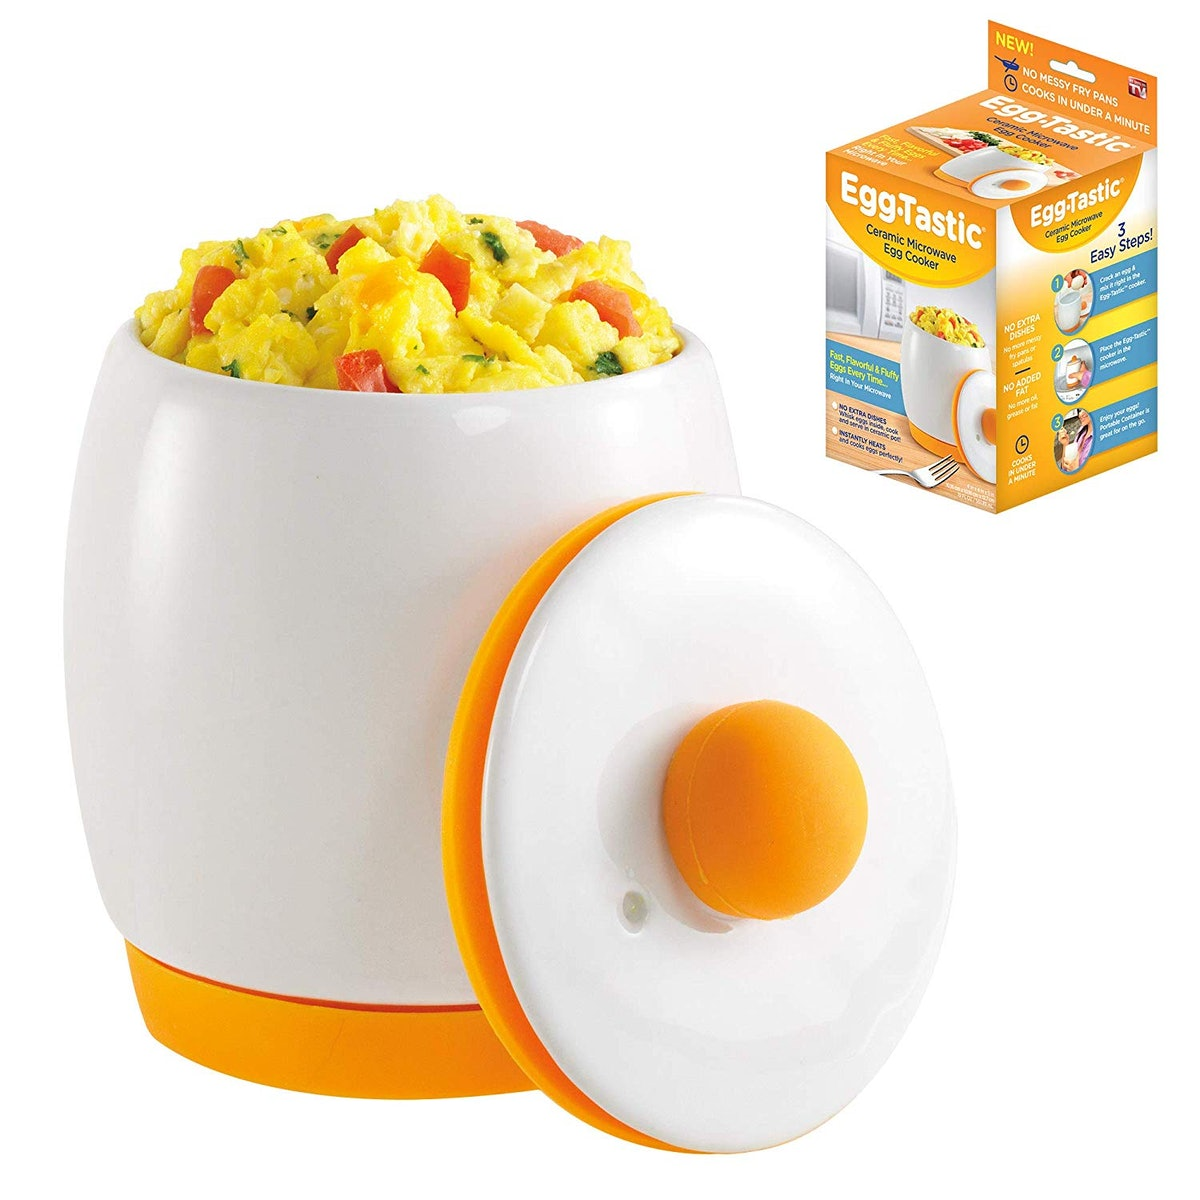 Egg-Tastic Ceramic Microwave Egg Cooker